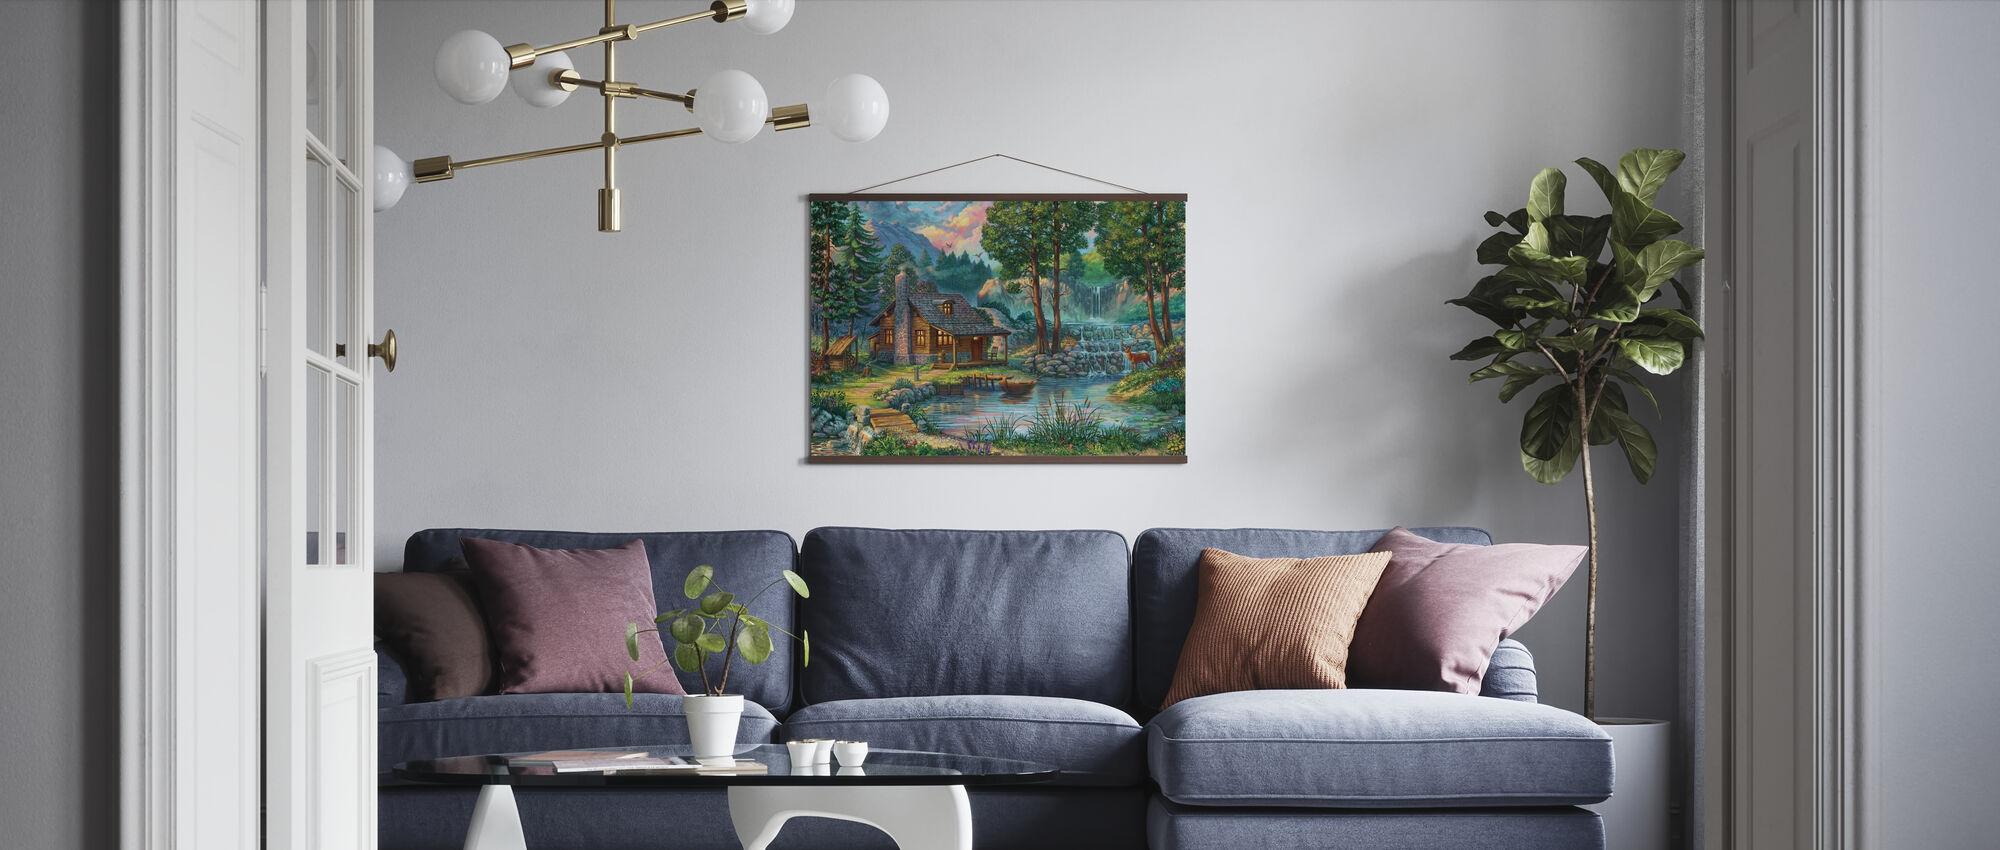 Hus på landet vid sjön - Poster - Vardagsrum